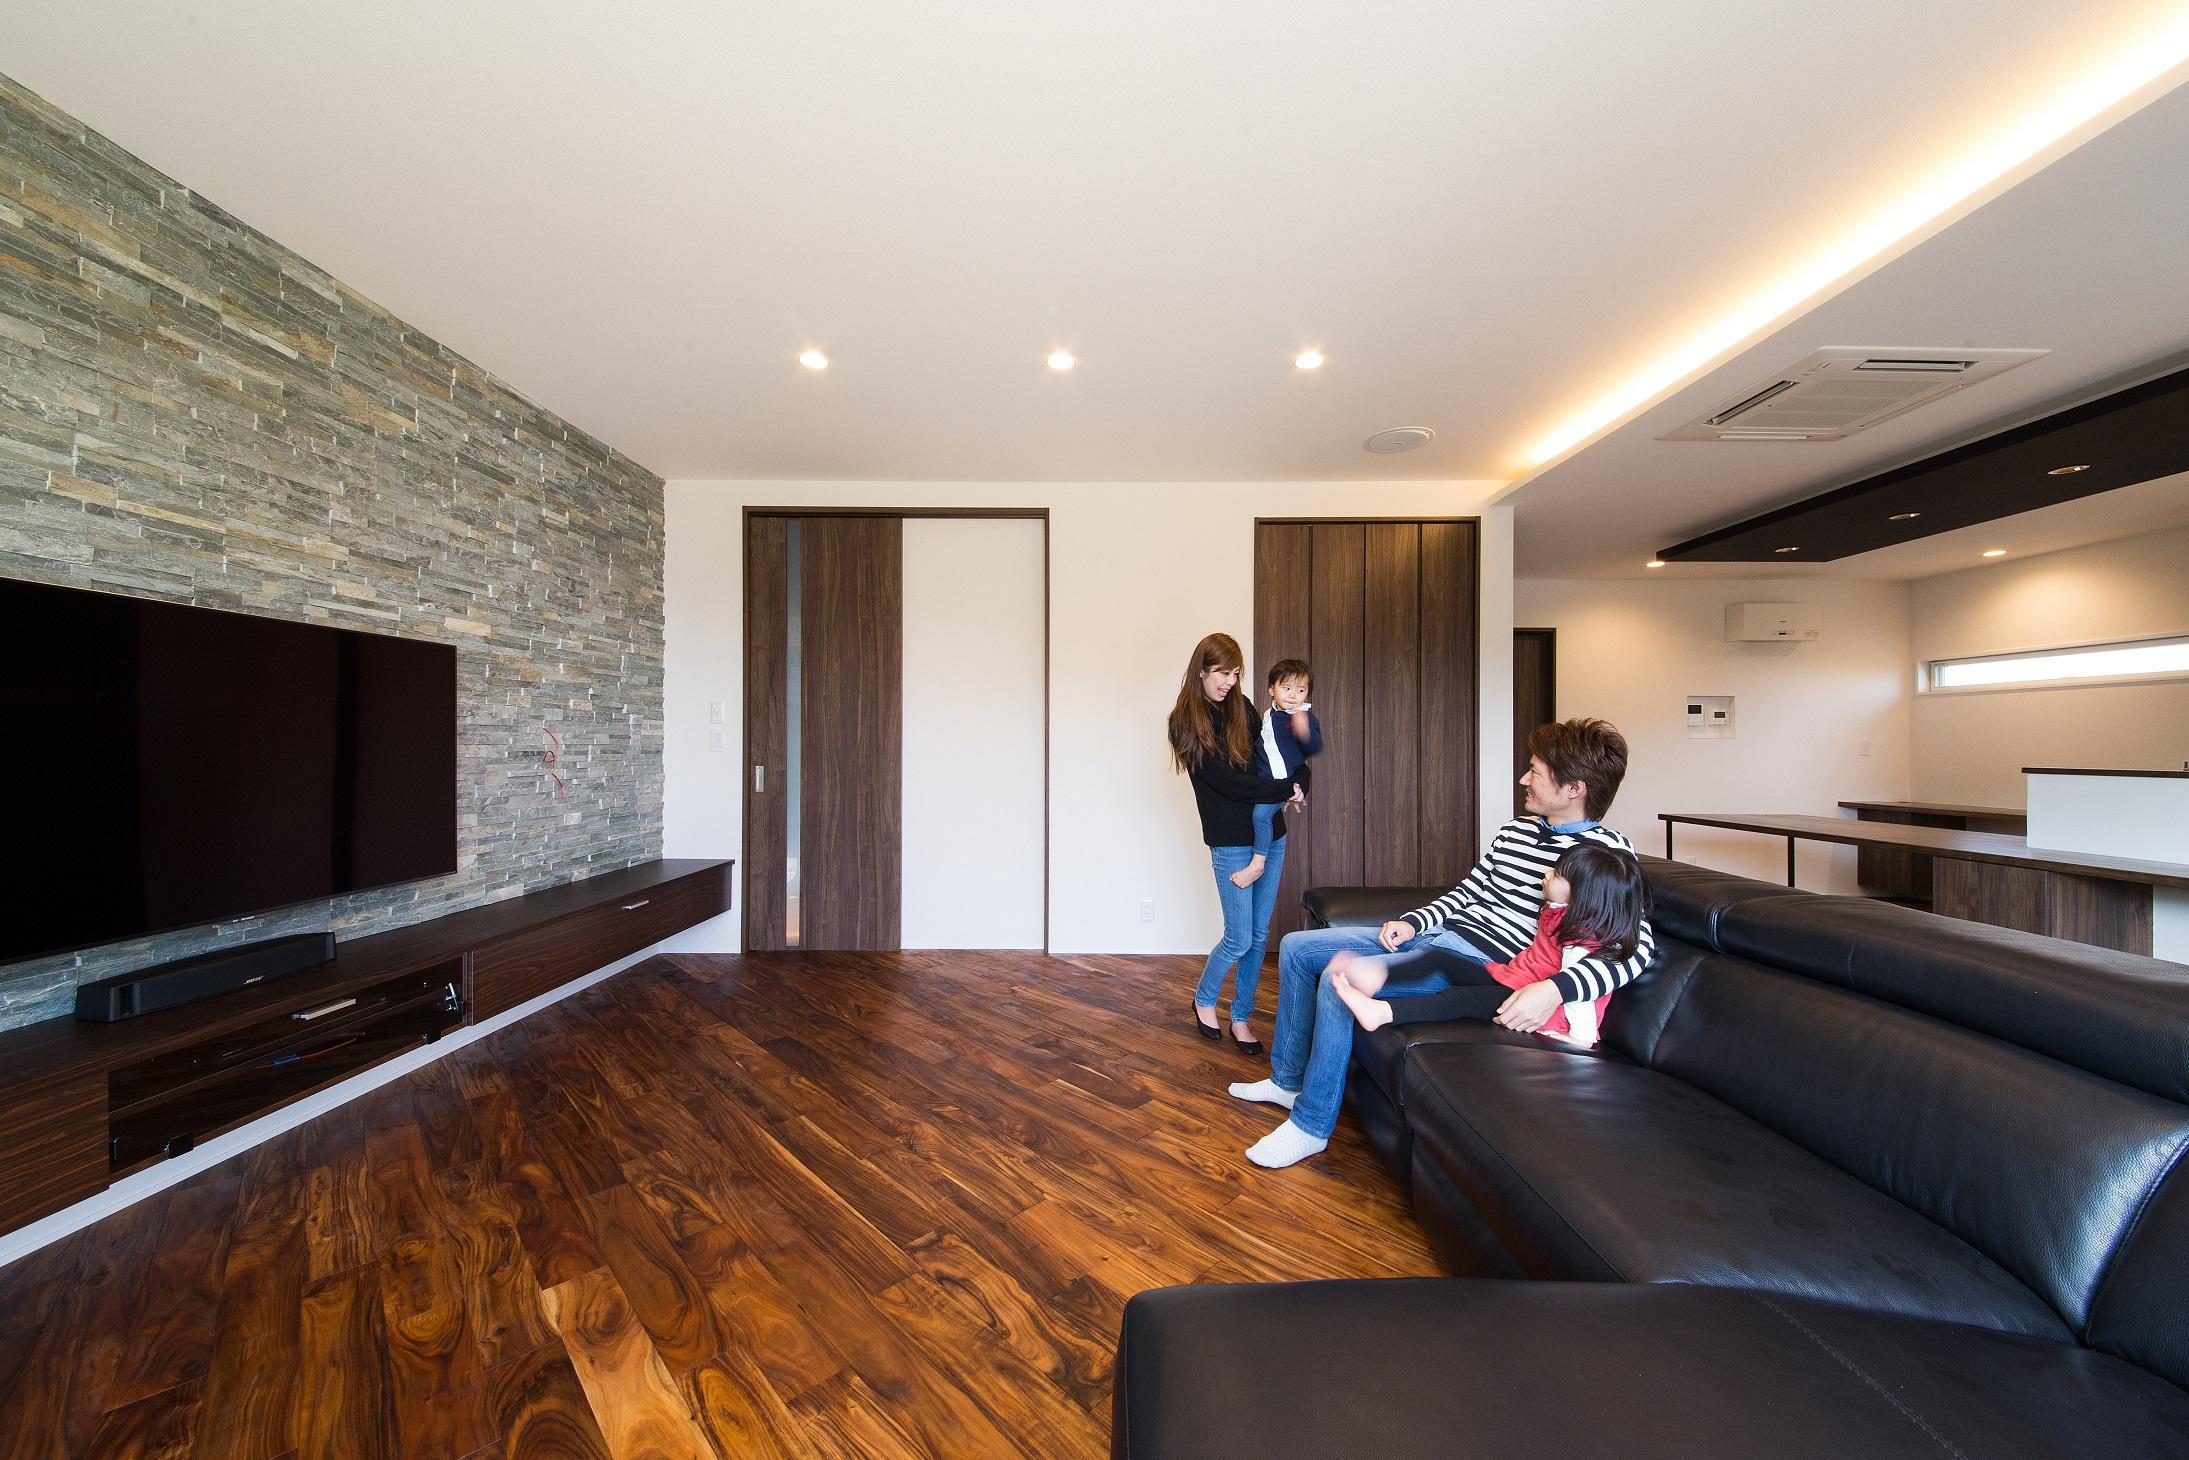 will建築工房【デザイン住宅、収納力、ガレージ】広々としたLDK。石目調タイルのアクセントウォールと、シンプルな造作家具が洗練された雰囲気を醸し出す